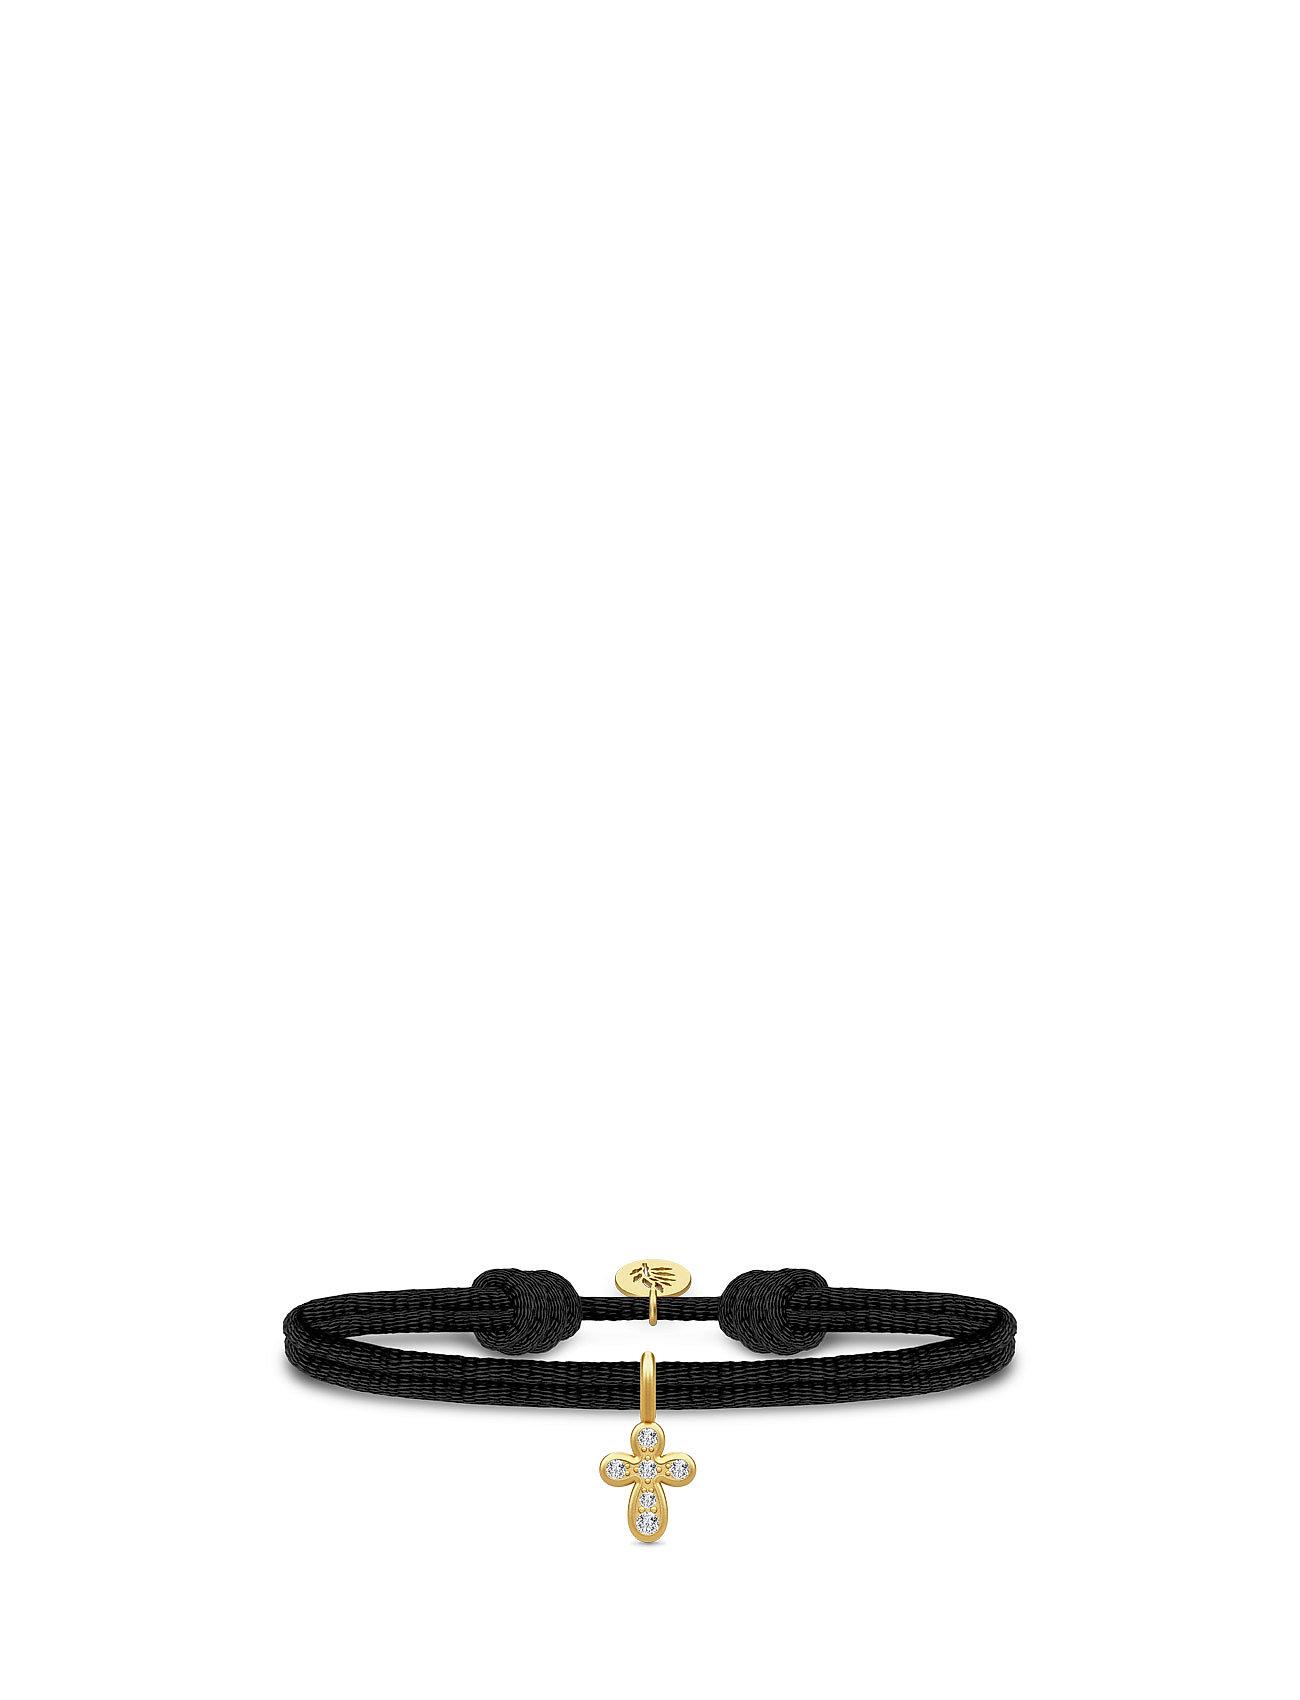 Life Satin Bracelet - Gold/Cubiz Zirconia Julie Sandlau Smykker til Damer i Sort